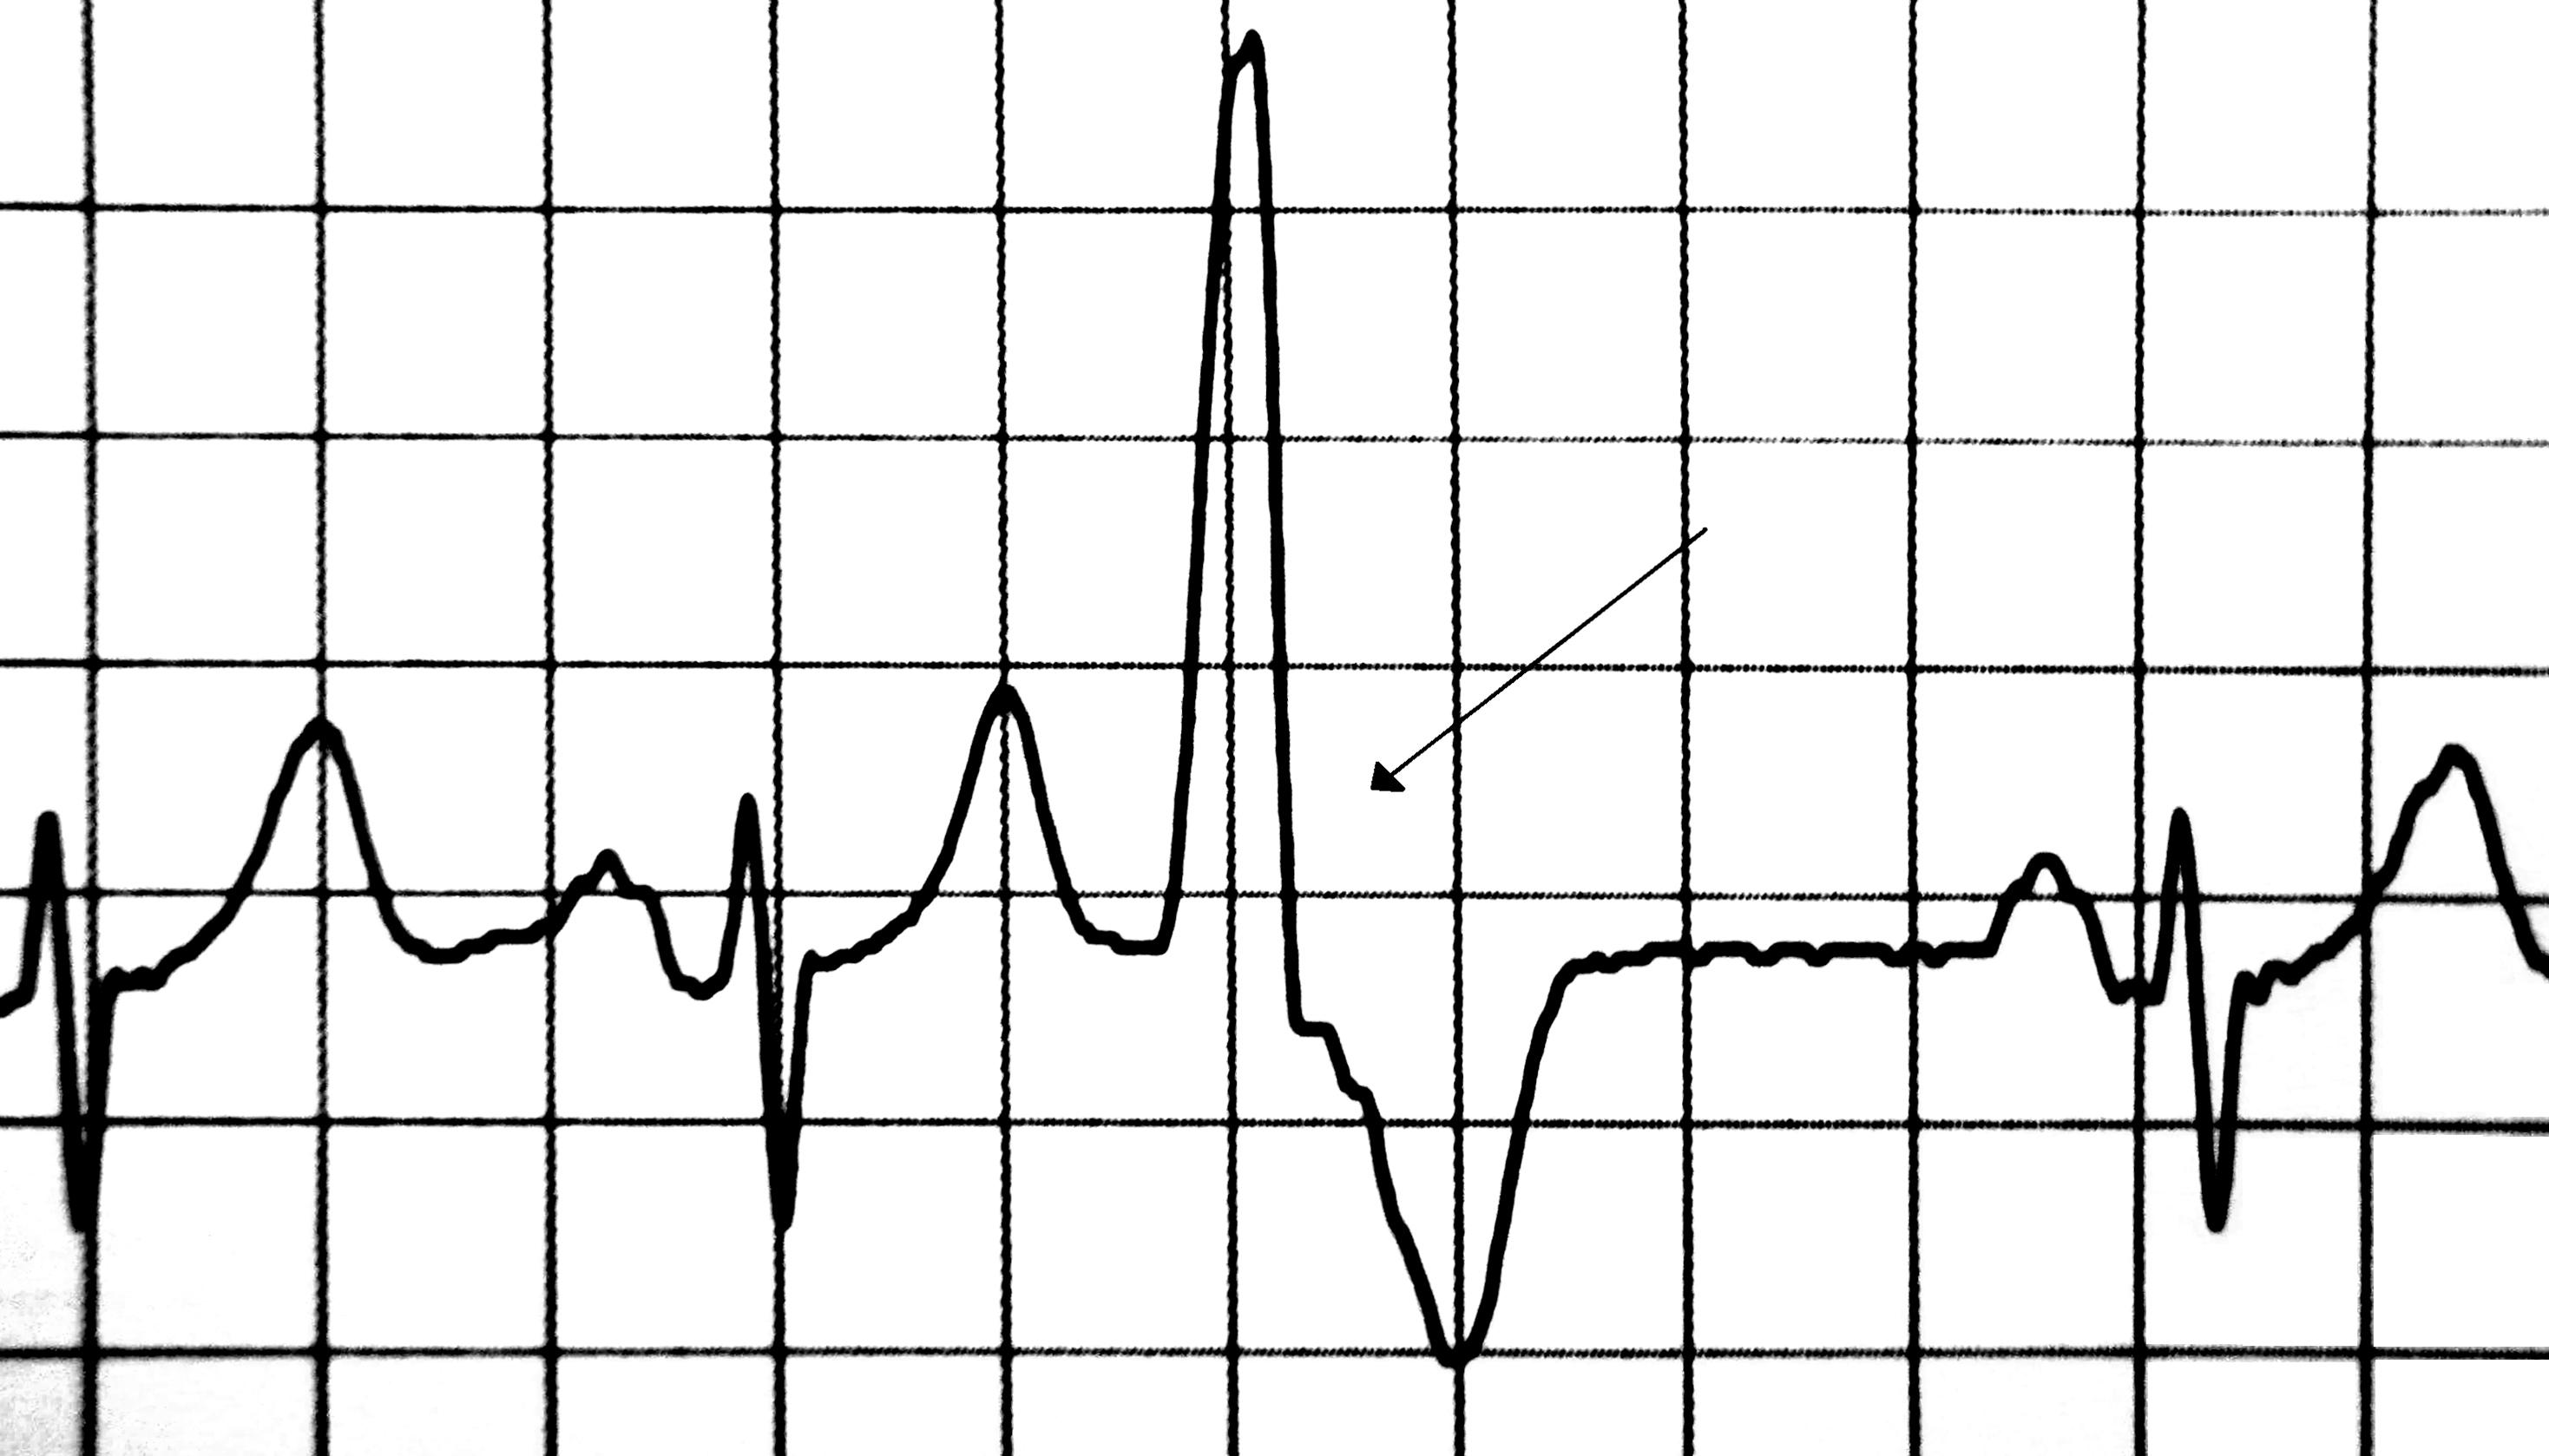 Premature ventricular contraction - Wikipedia